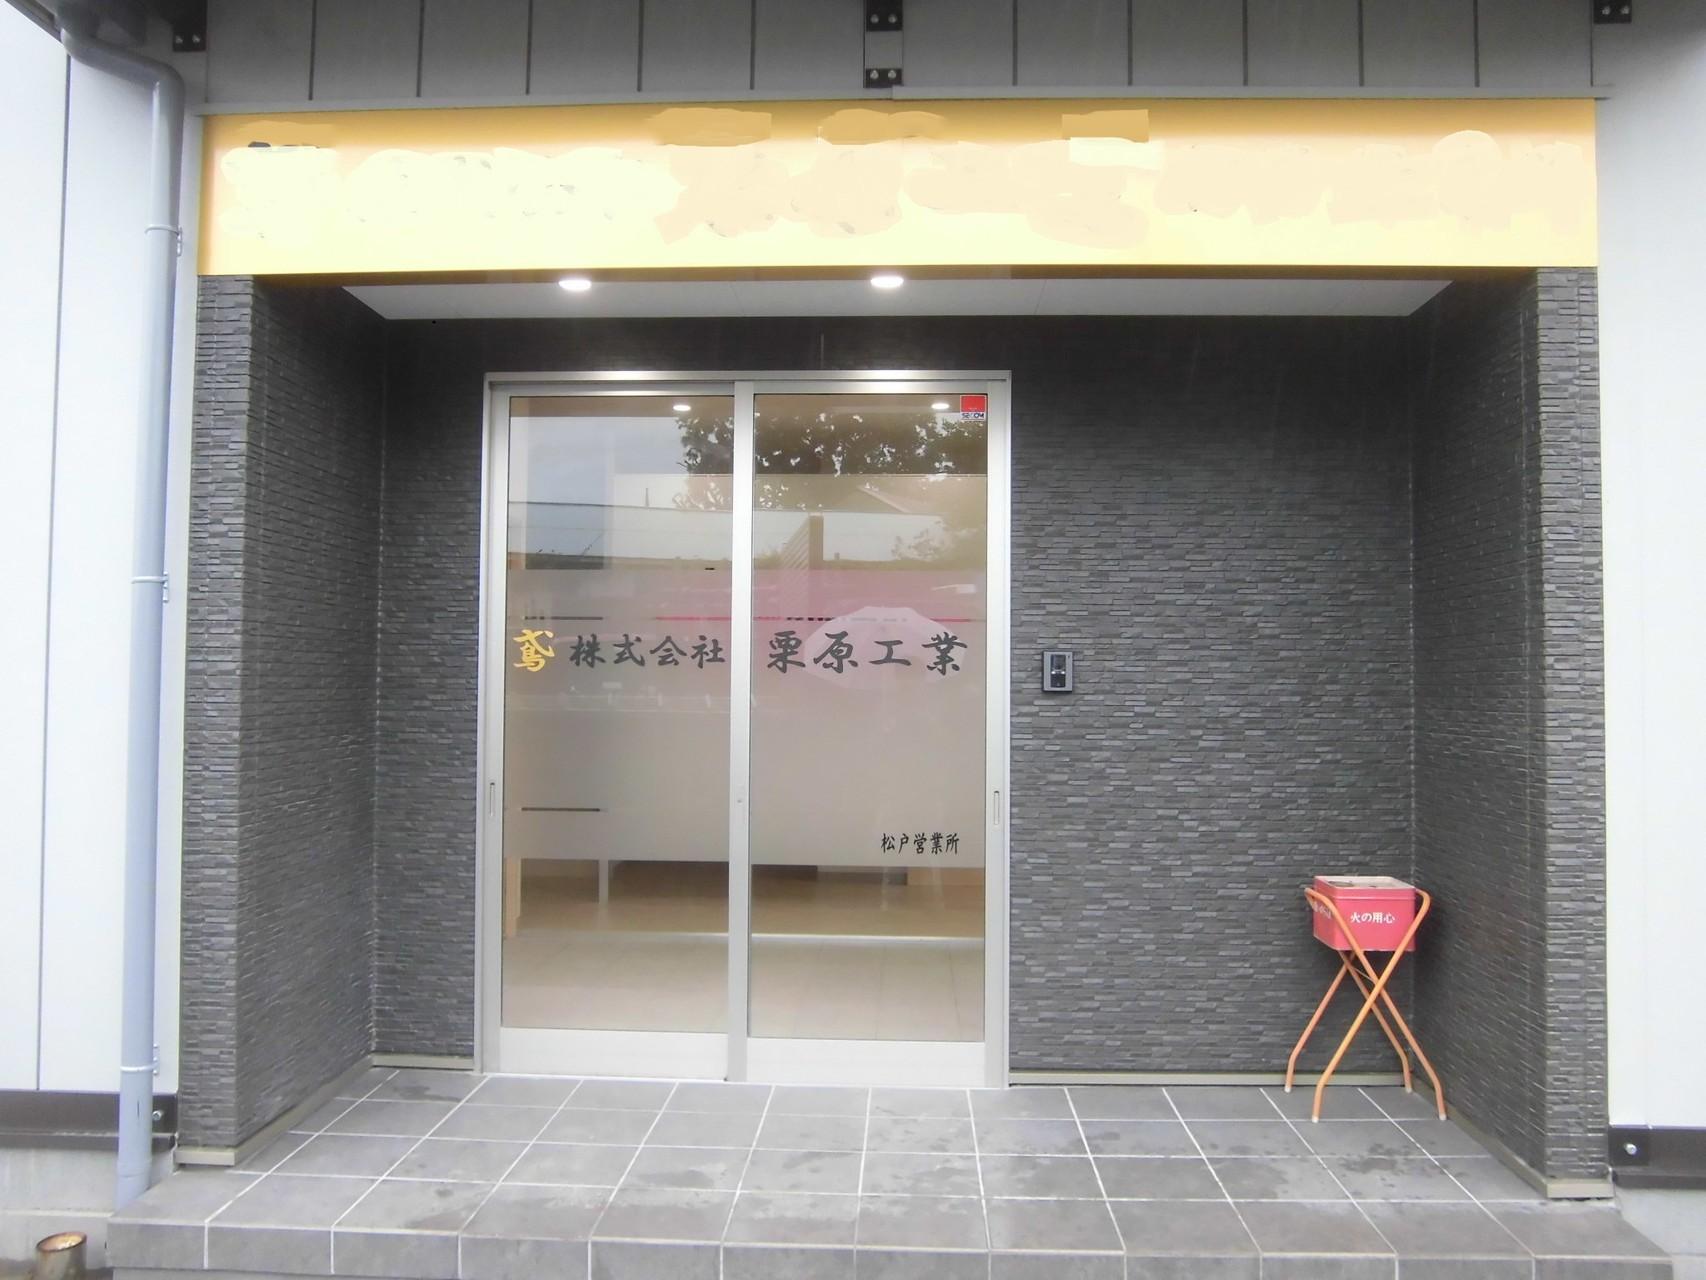 玄関 御客様をお迎えする会社の「顔」清潔感あふれる玄関